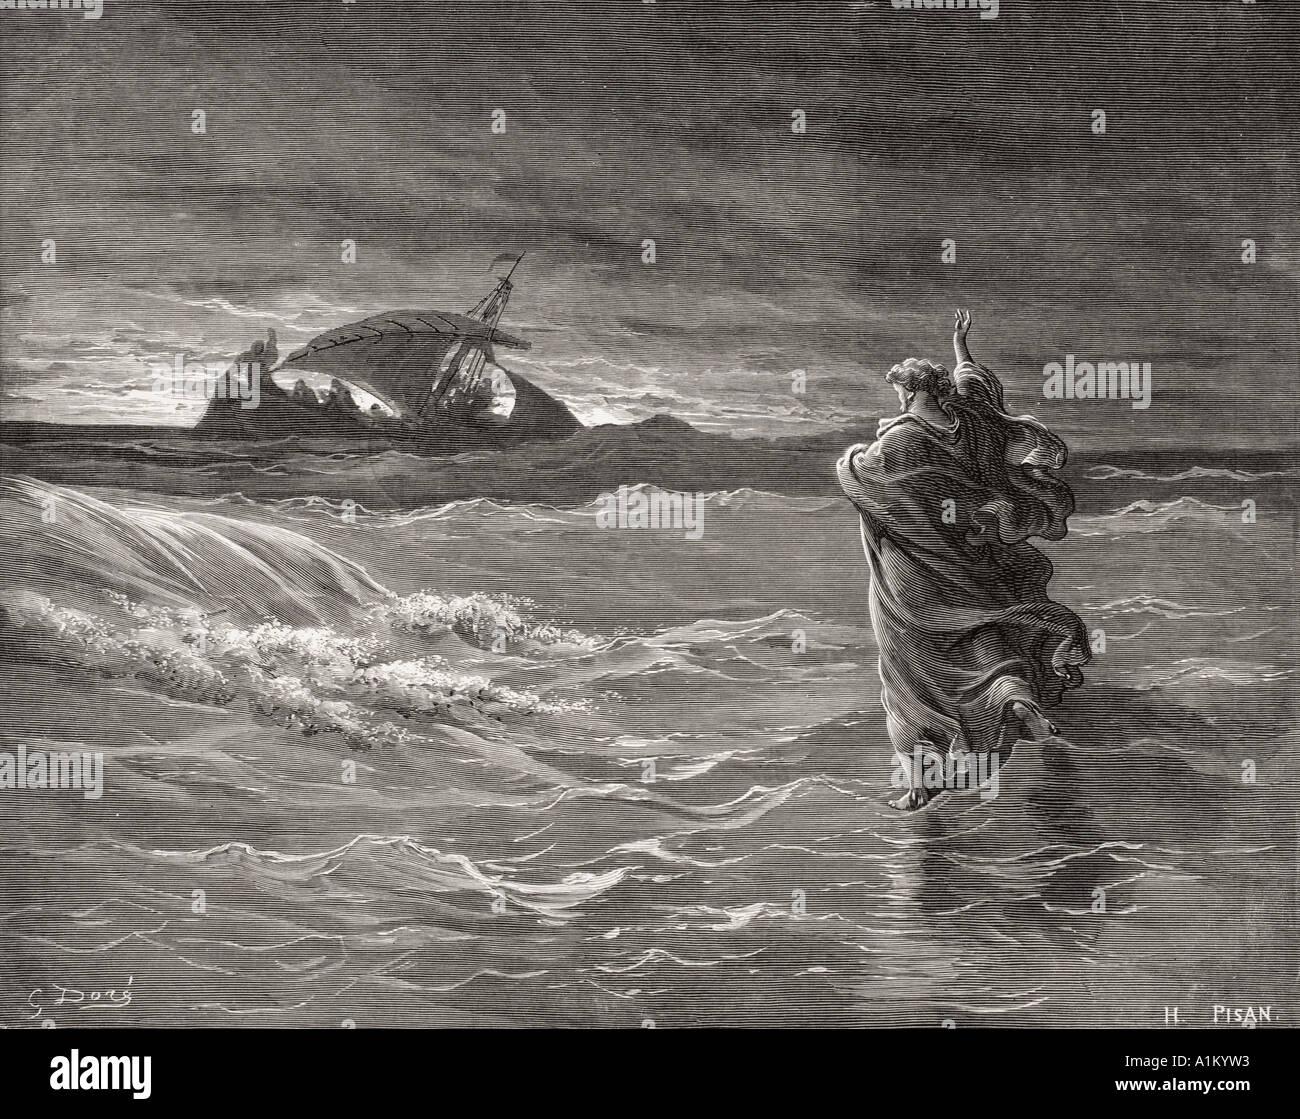 Incisione dall'l'Dore la Bibbia che illustra Giovanni vi 19 a 21. Gesù che camminava sul mare da Gustave Dore Foto Stock